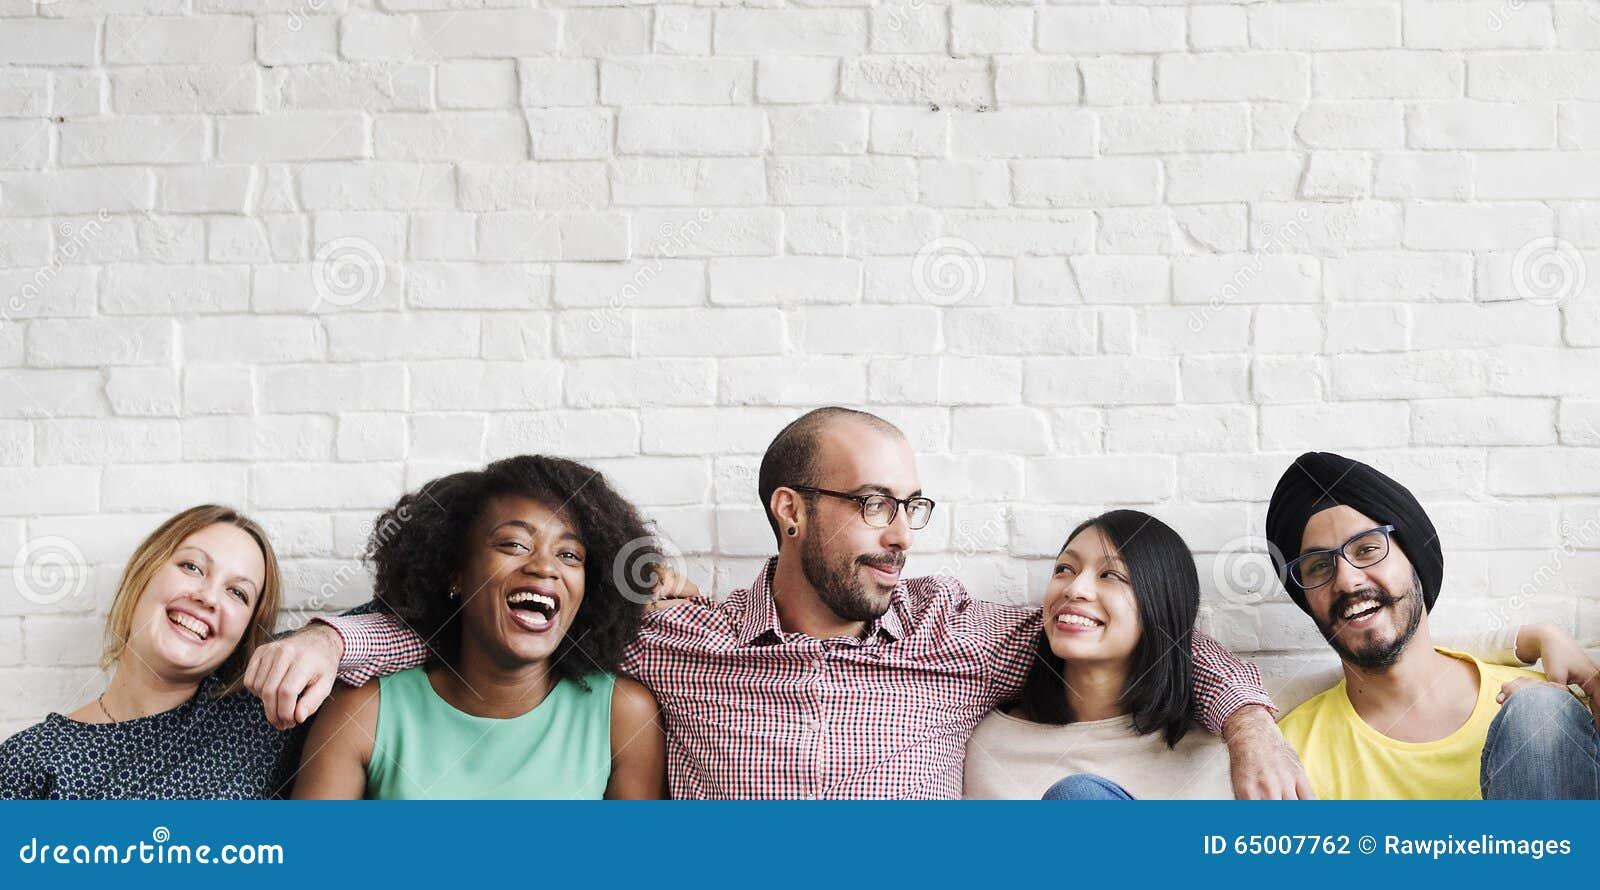 Έννοια έθνους Hipster ευτυχίας ομαδικής εργασίας ελεύθερου χρόνου